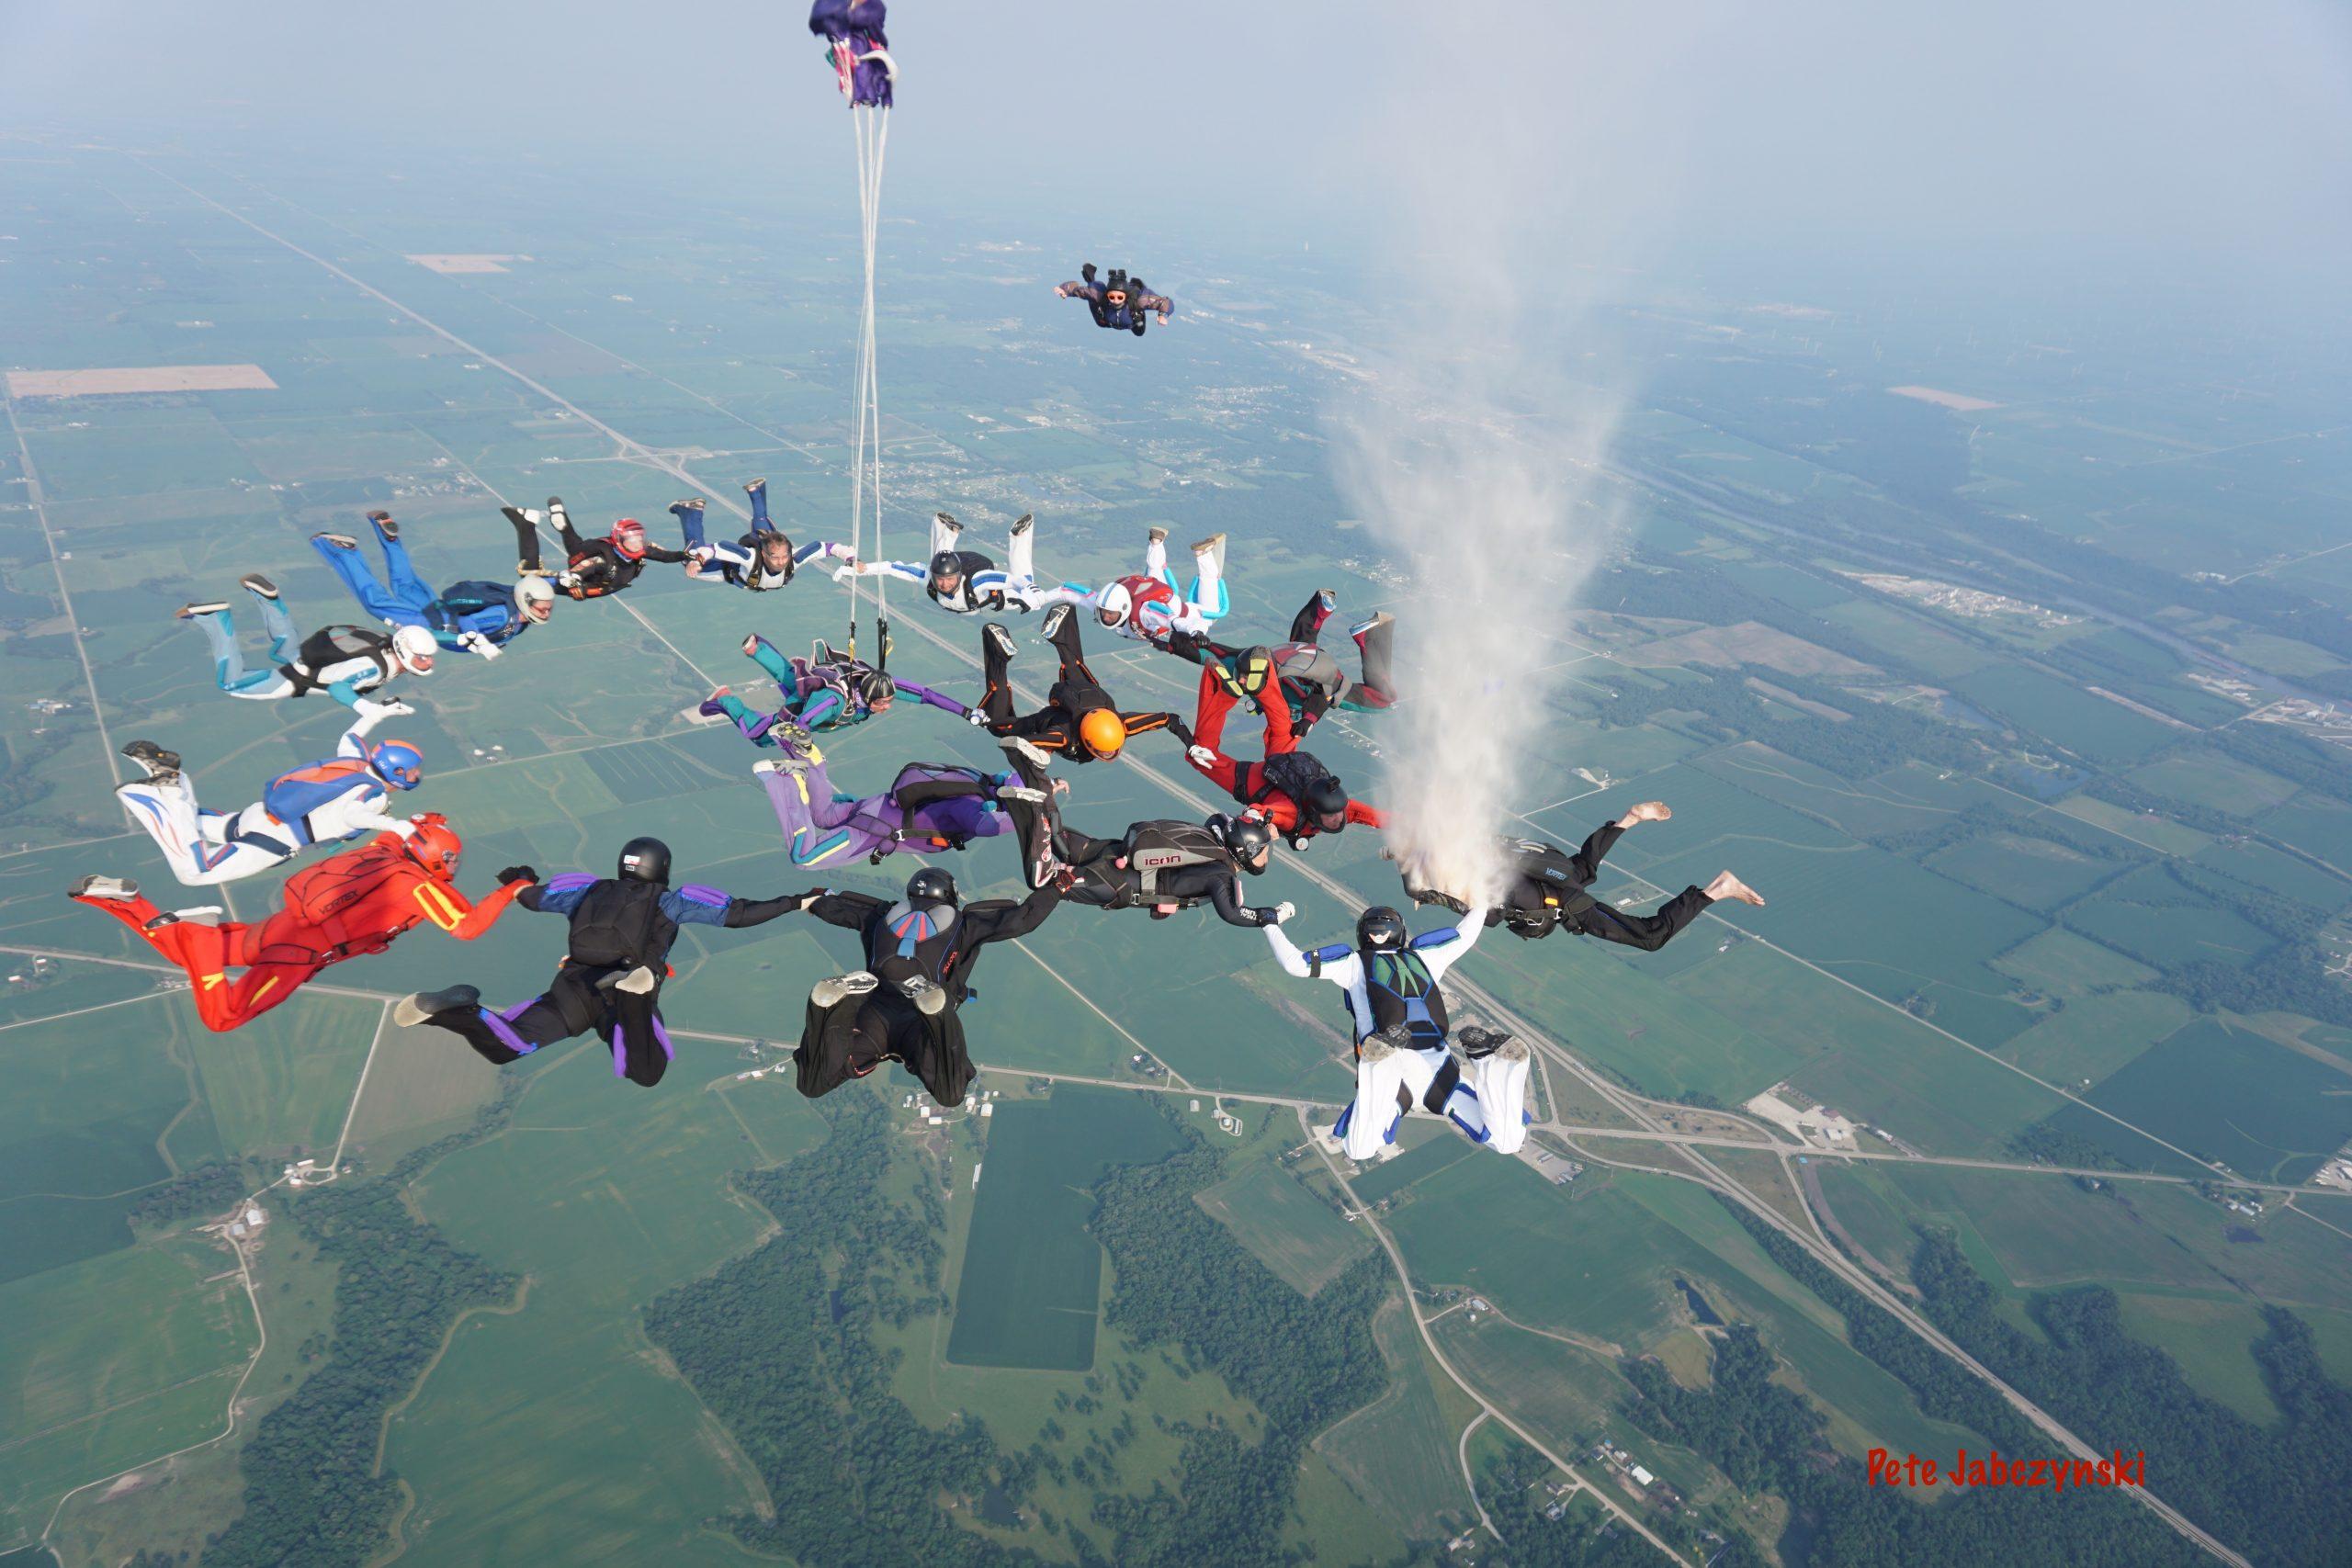 Skydive Celebration of life Ash Dive for Nick Fruchner